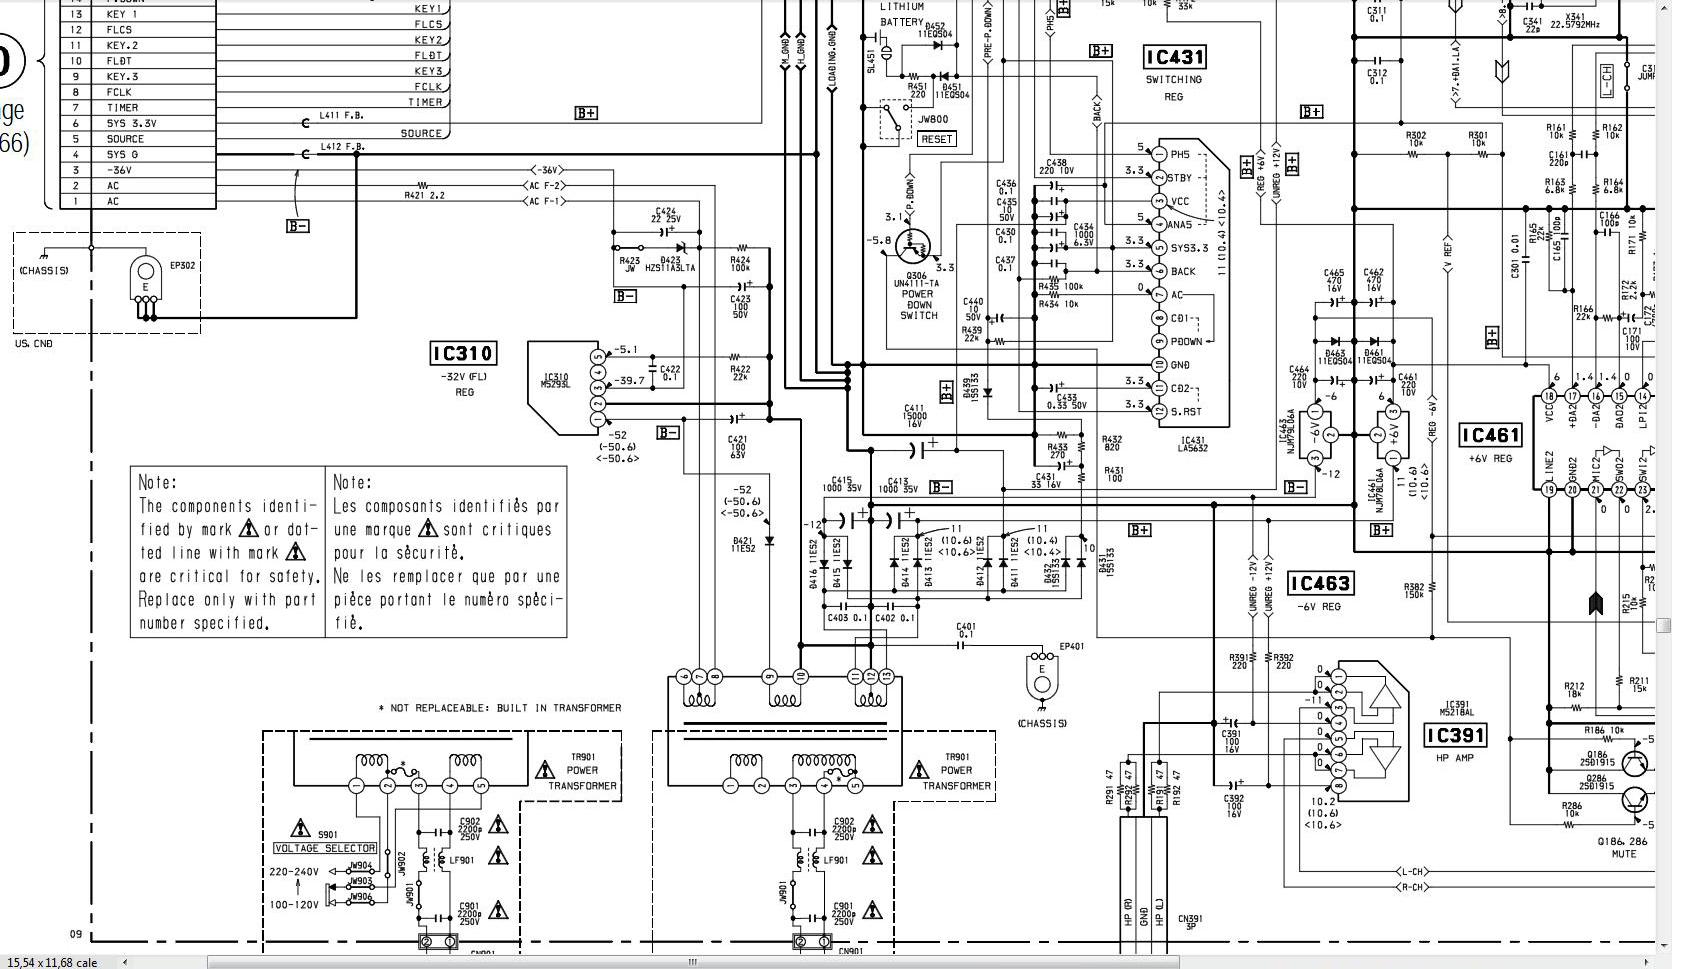 MiniDisc SONY MDS-JE520 - przyga�ni�te piktogramy wy�wietlacza